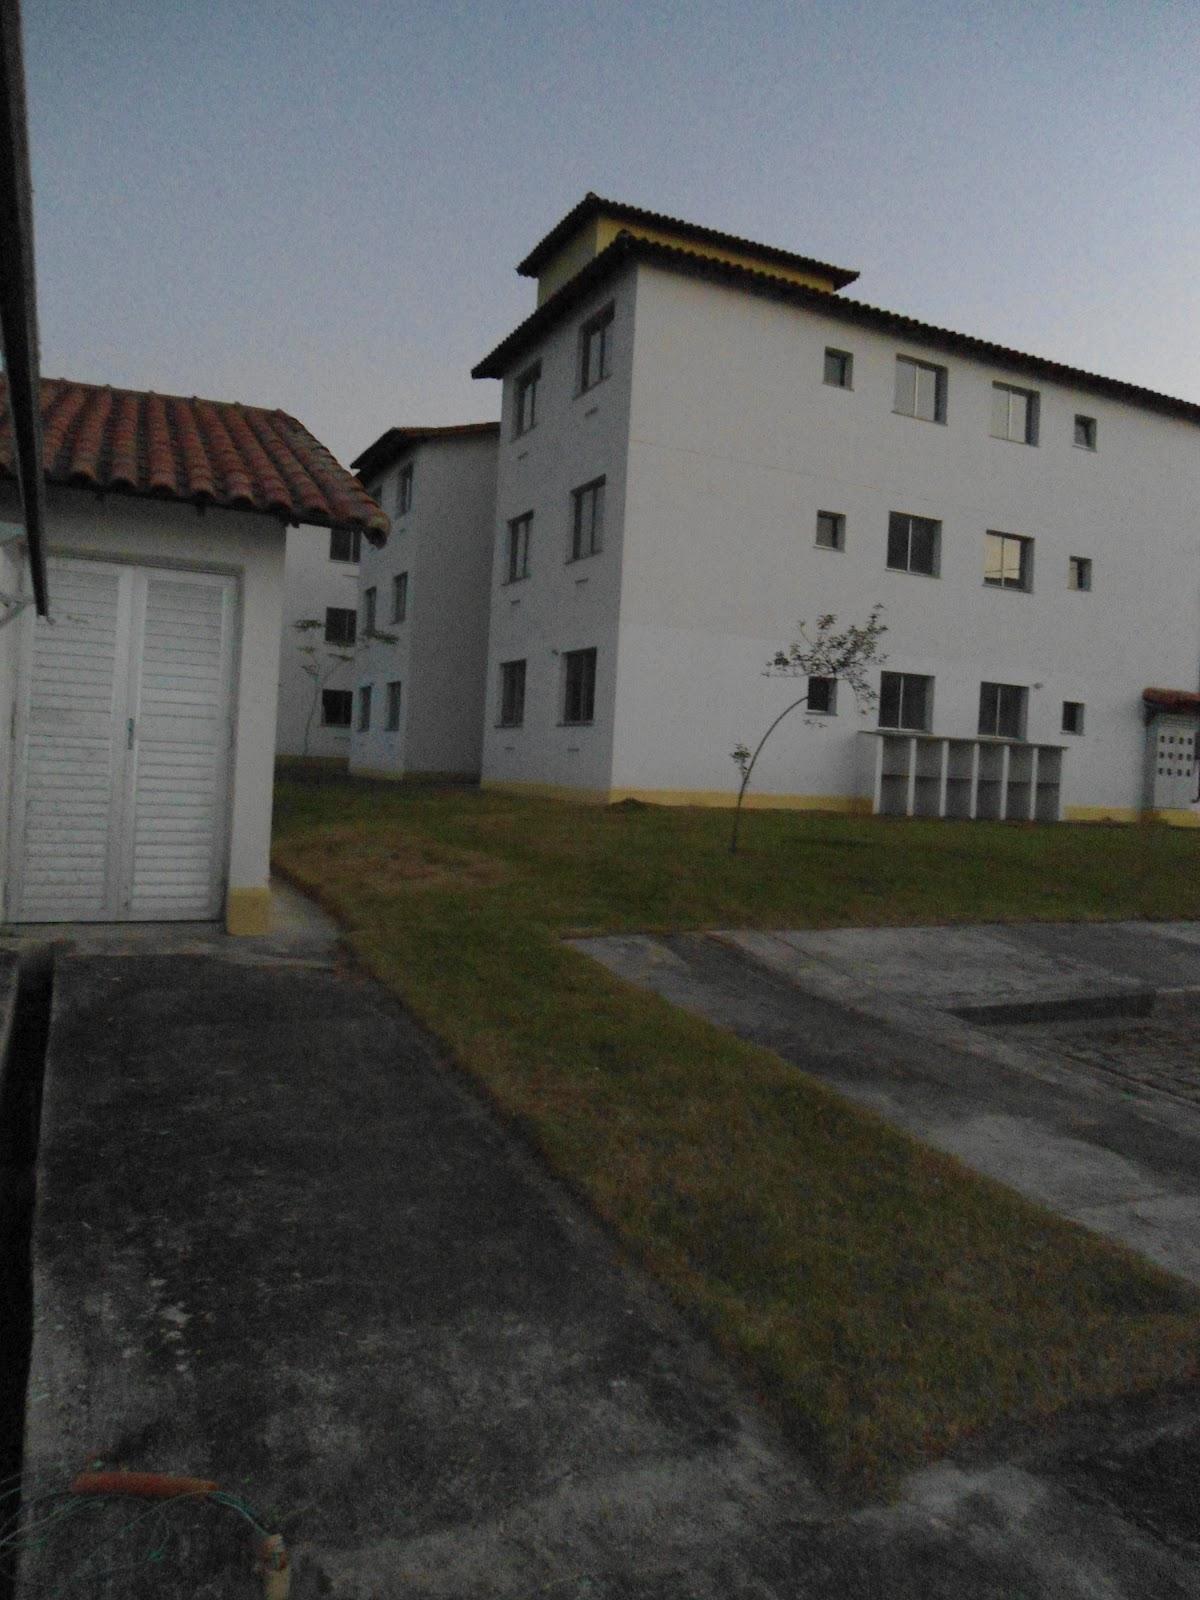 Residencial Parma Life Anos de atraso por culpa da CONSTRUTORA TENDA  #594F3A 1200 1600